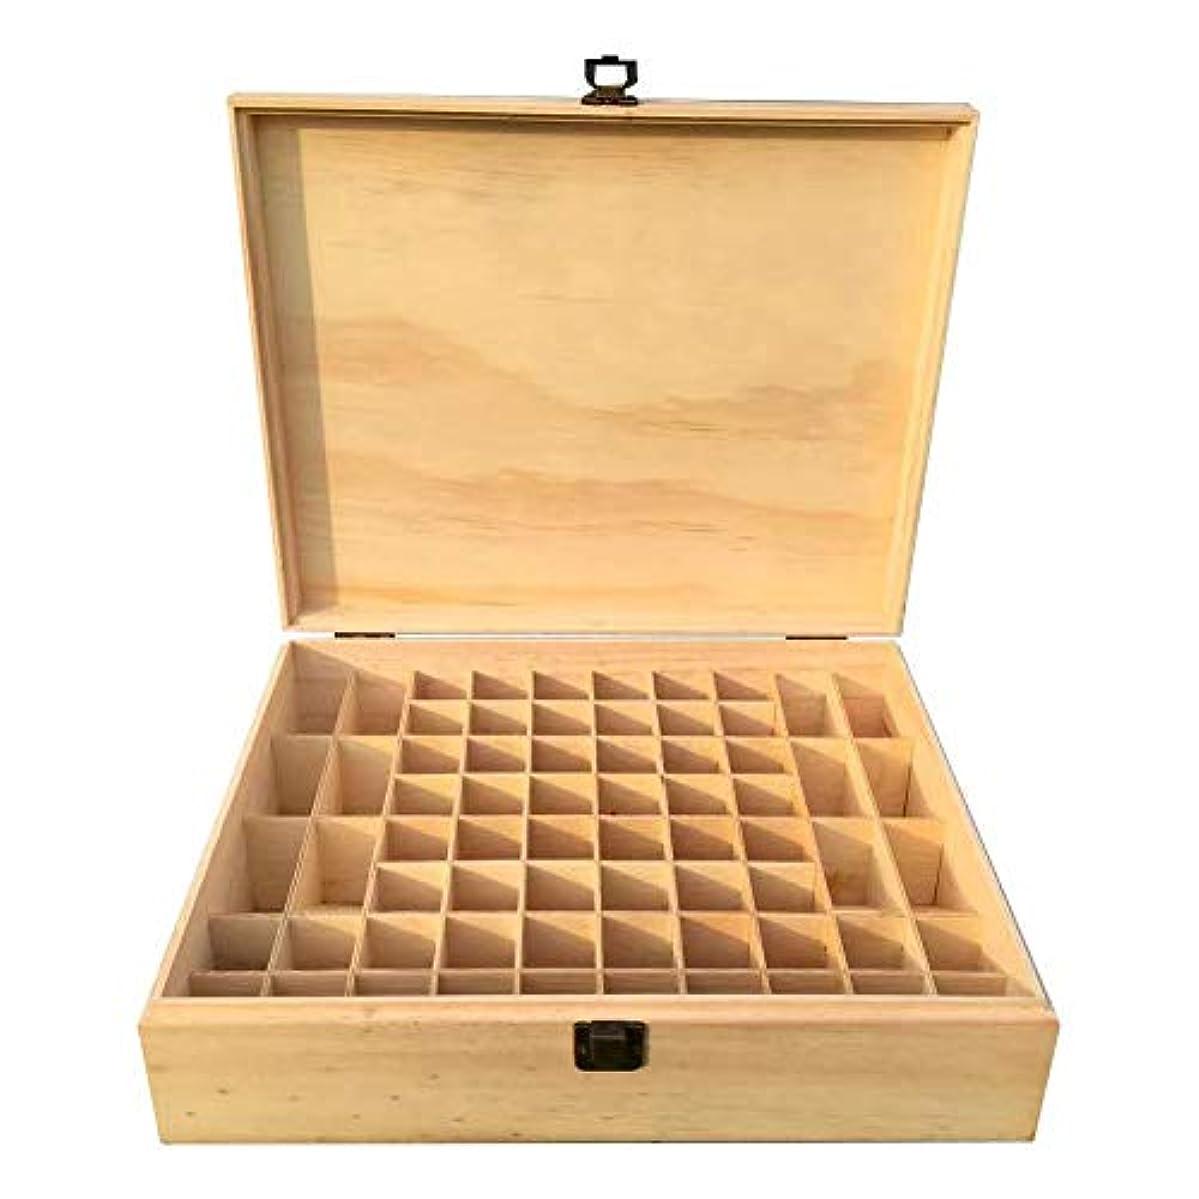 再編成するマルクス主義者トリッキー木製エッセンシャルオイル収納ボックス 精油収納ケース 68グリッド 大容量 5~15MLボトル用 junexi